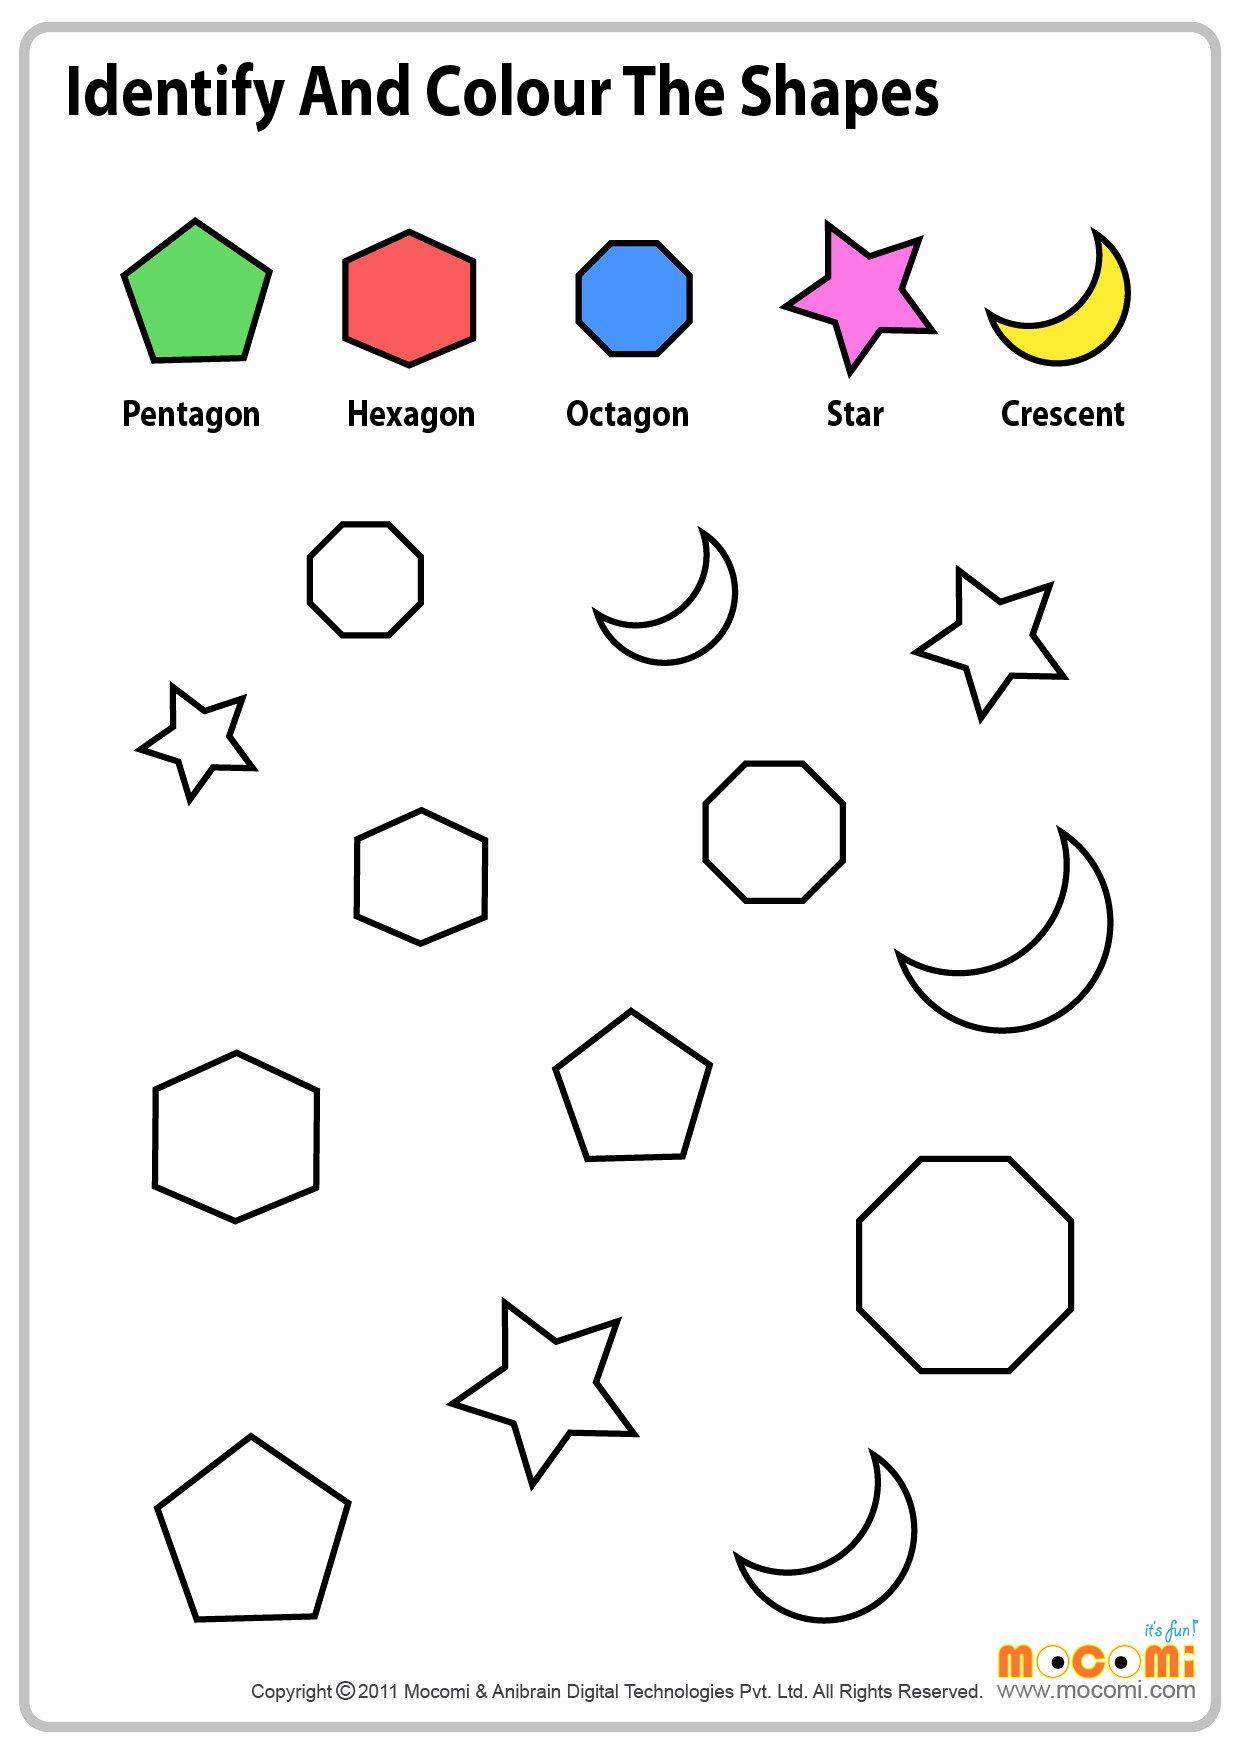 Crescent Shape Worksheets For Preschoolers